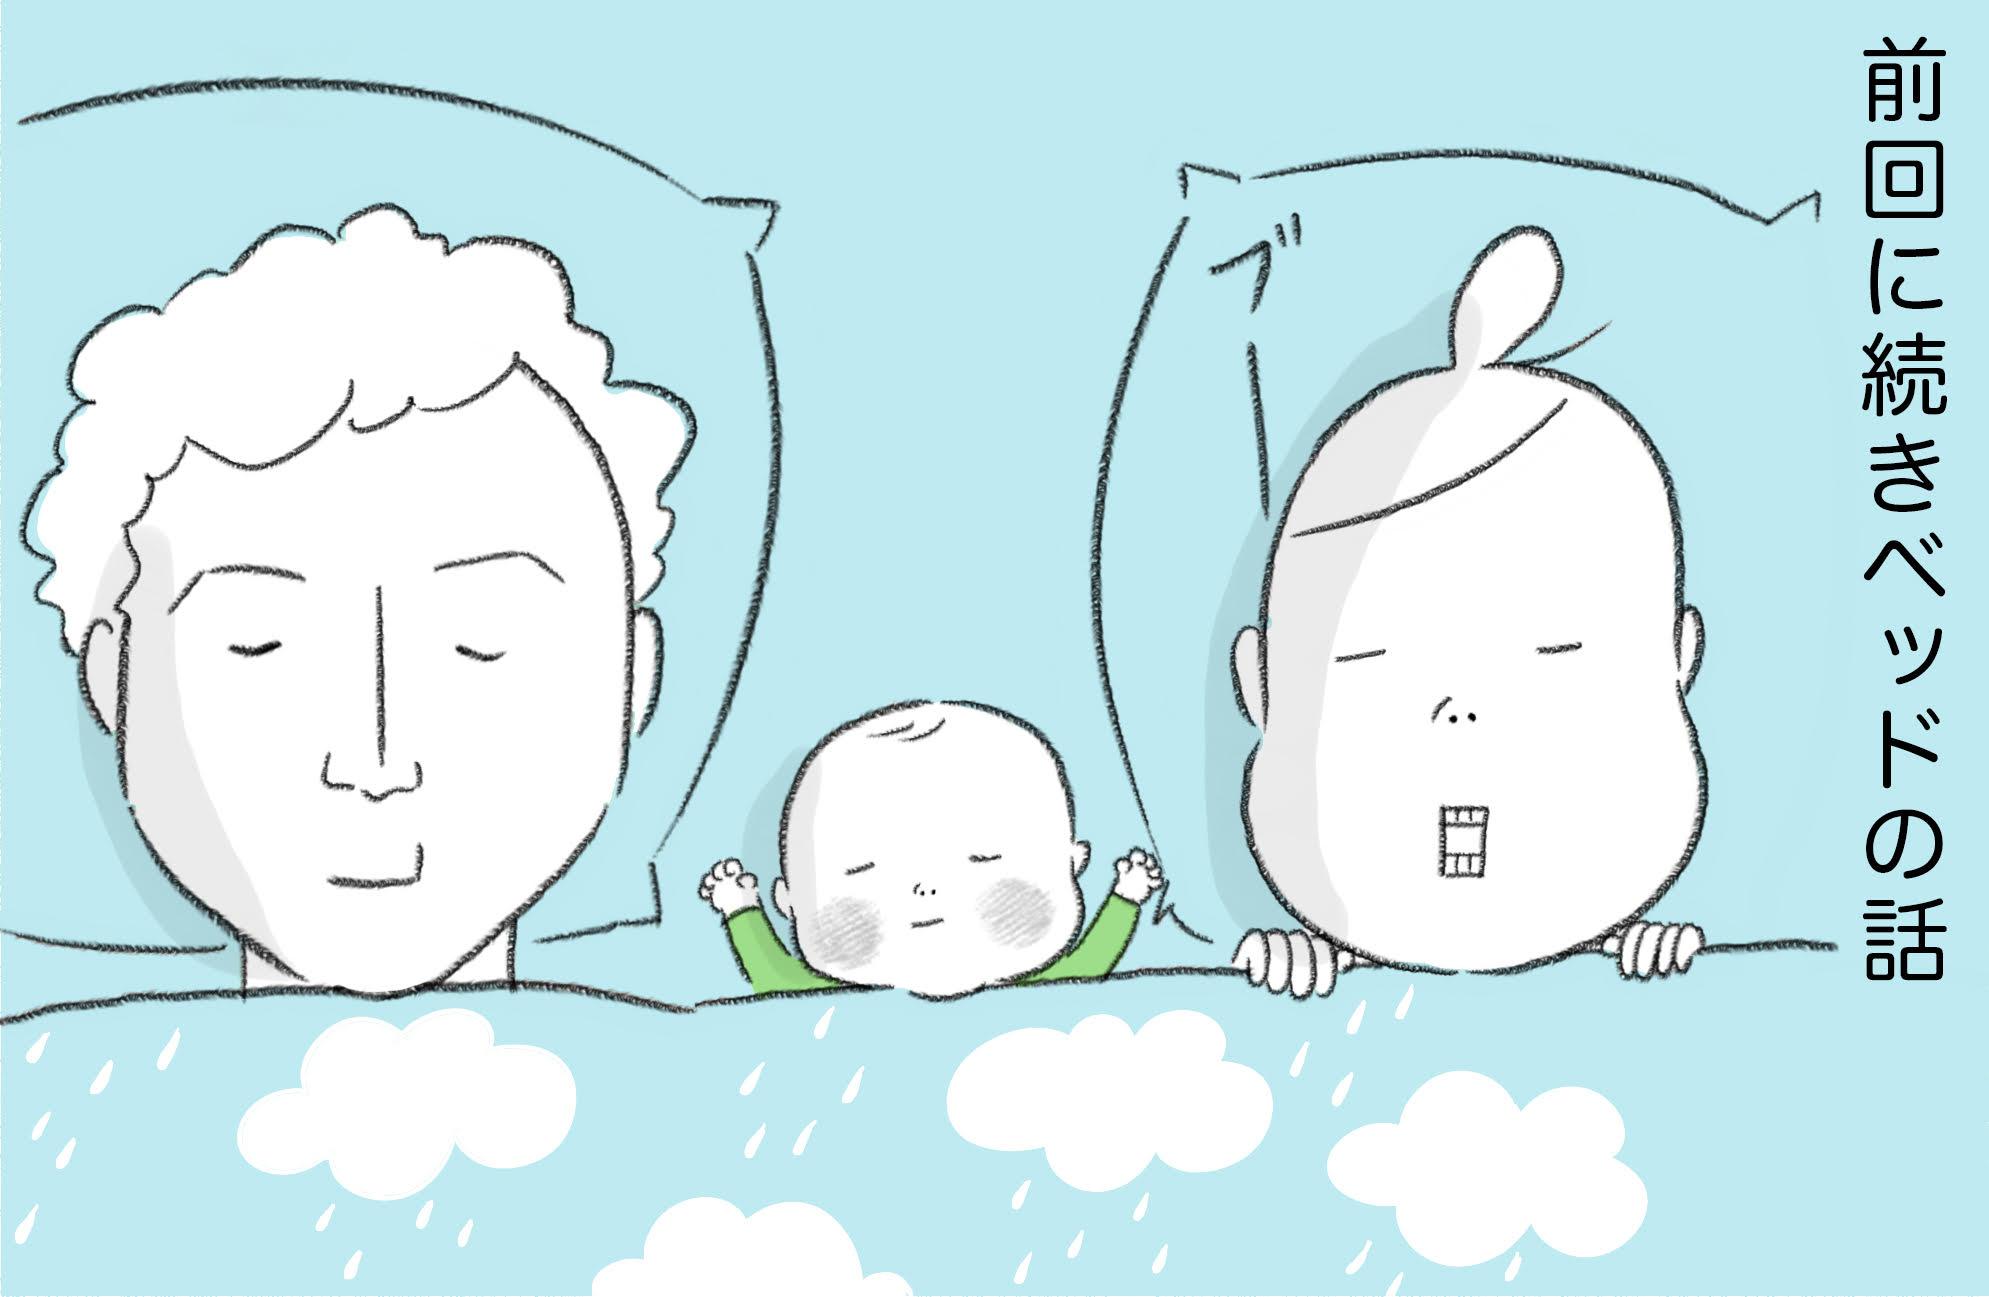 スイス・アルプスの麓でのほほん育児《5》別室で寝る夫婦って?